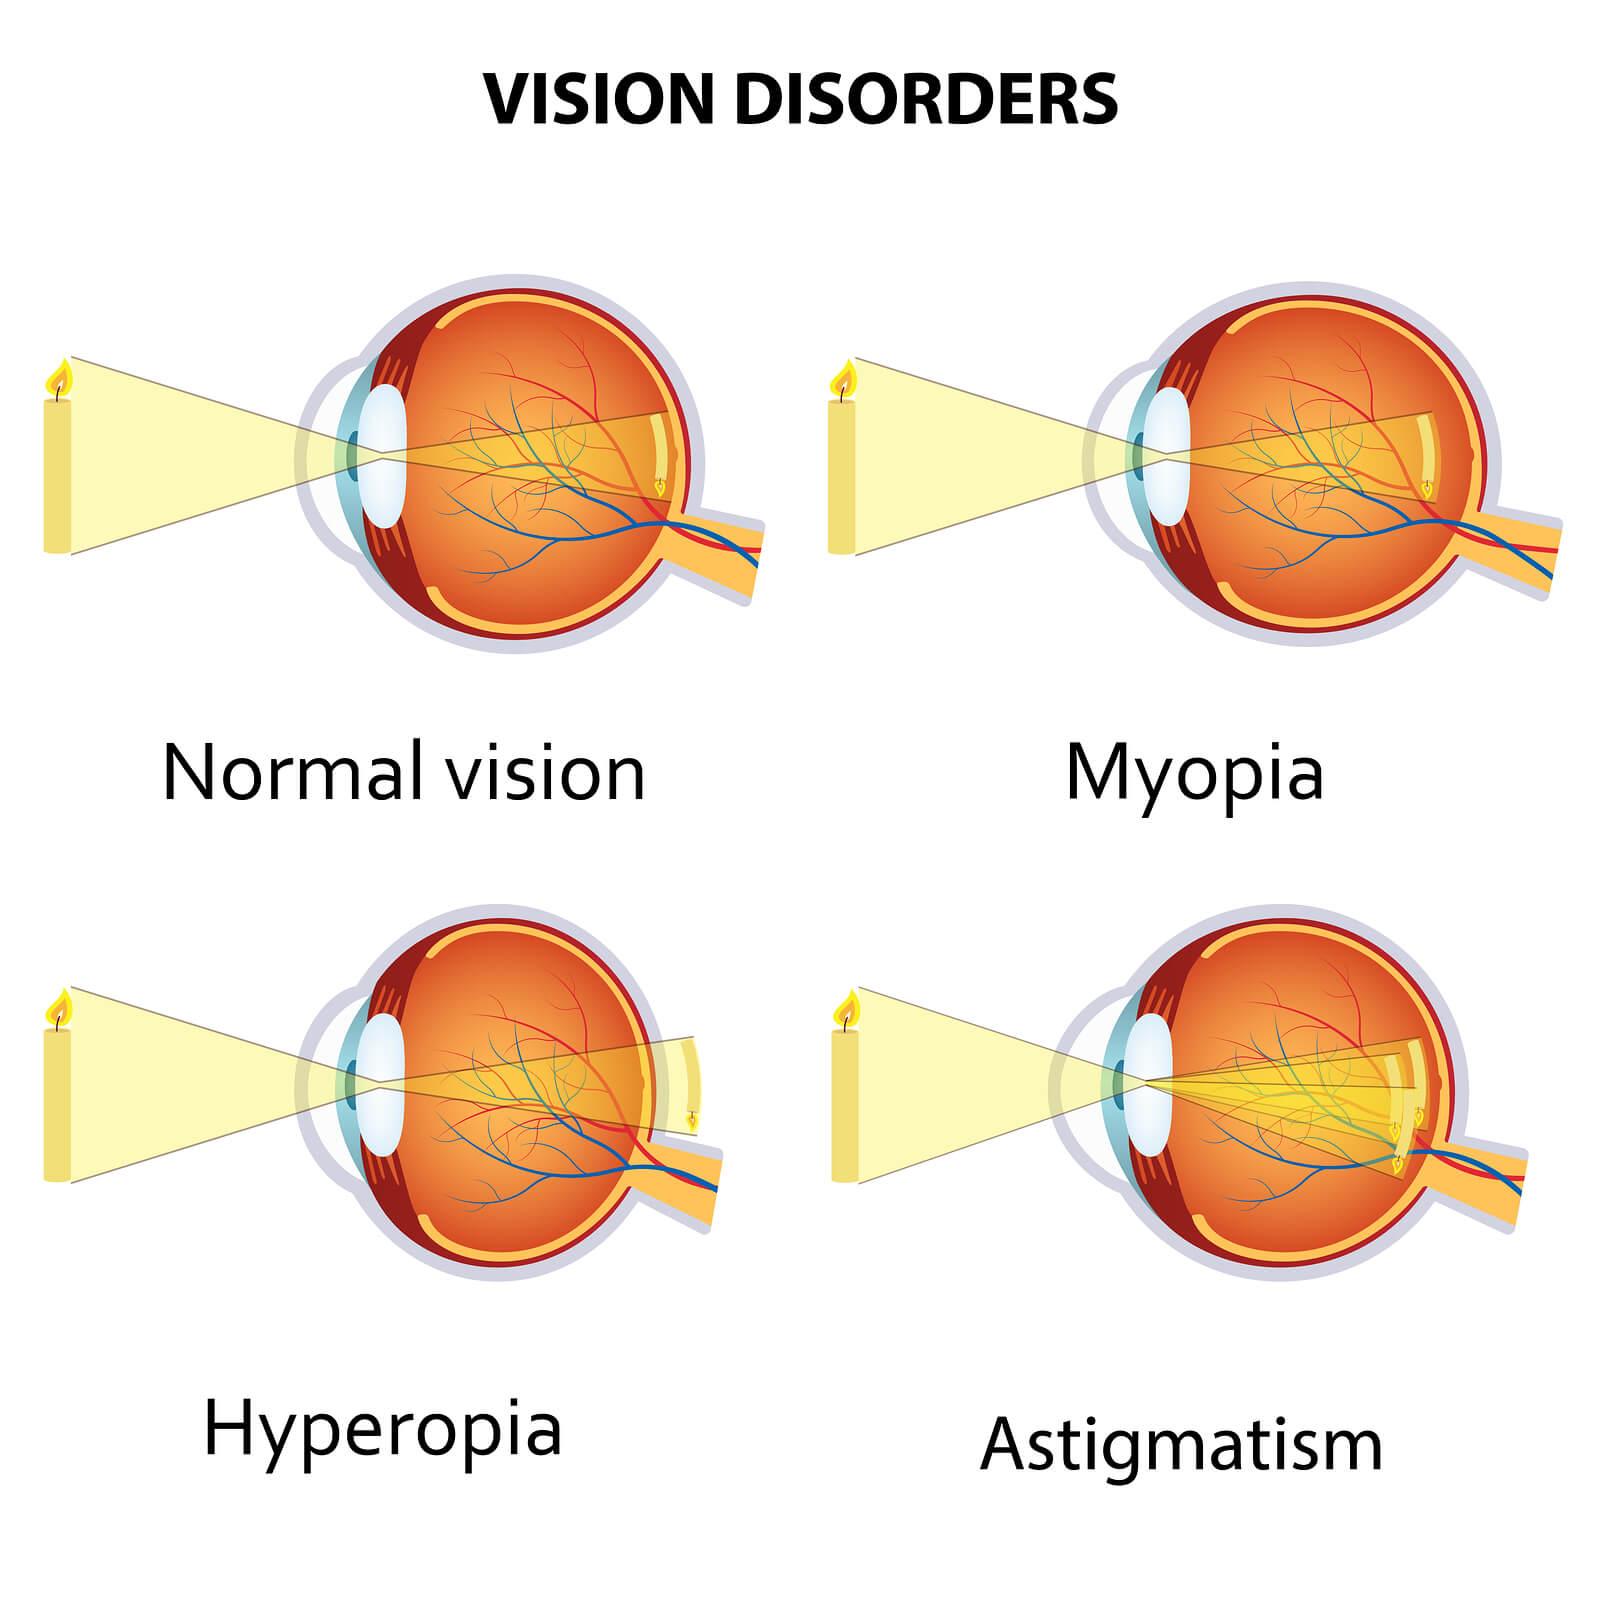 hyperopia és myopia mi a különbség